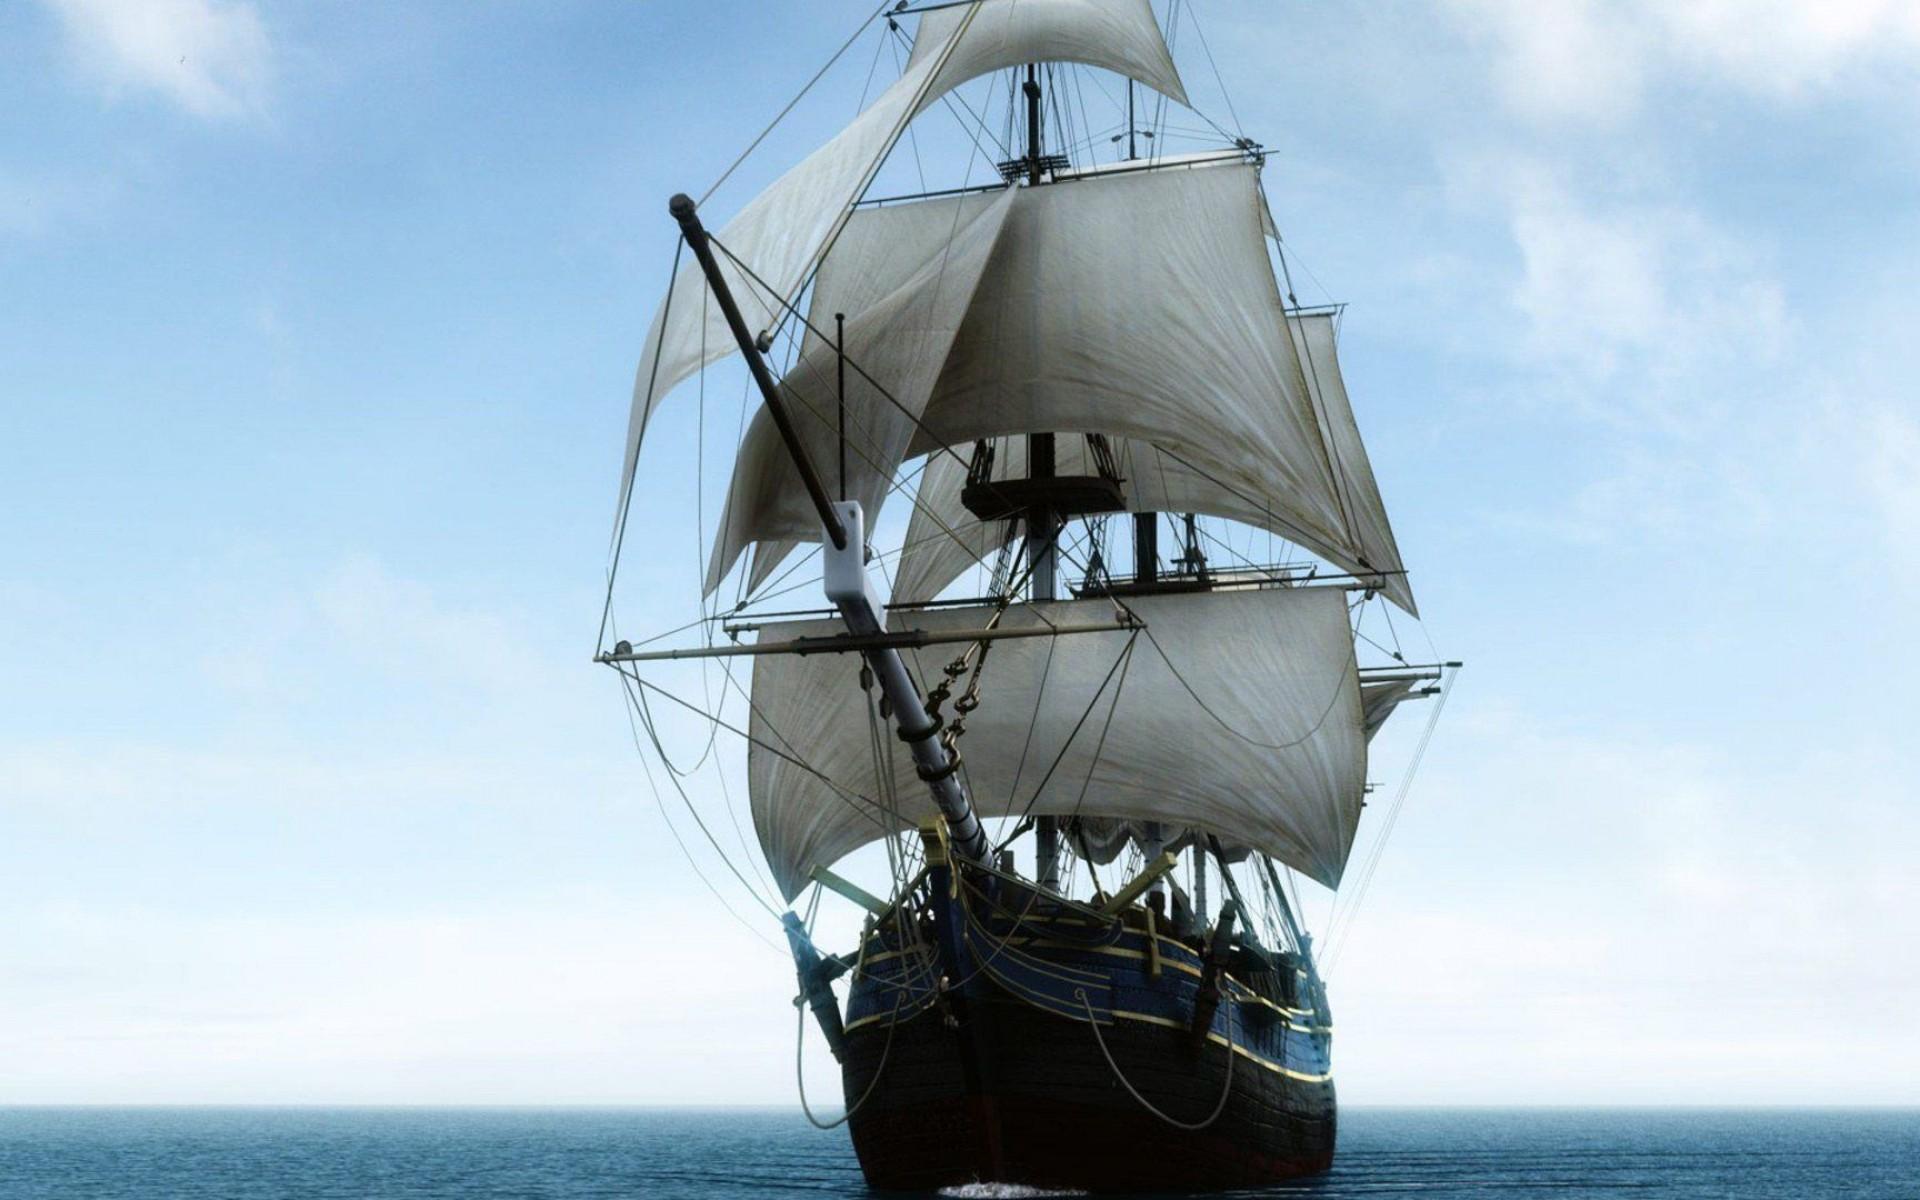 Boat Sail Sailing As 1920x1200    308544  boat sail HD Wallpaper